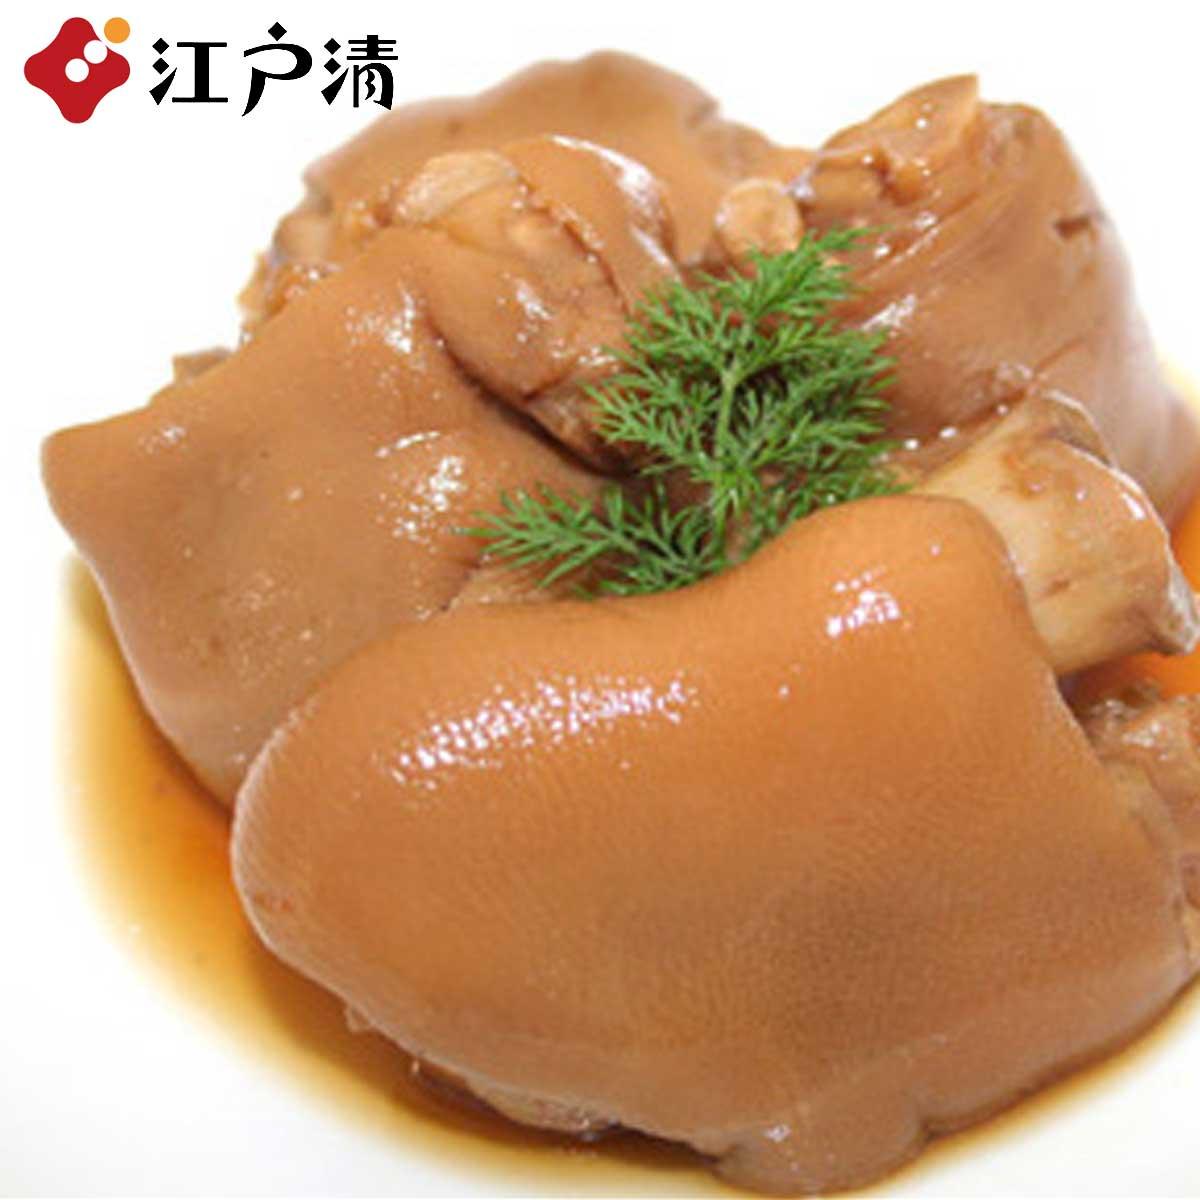 杜中高麗豚の豚足 創業明治27年 購買 横浜中華街の老舗 世代を超えて愛されるブタまん屋 迅速な対応で商品をお届け致します 江戸清 7000円以上購入で送料無料 とろける食感